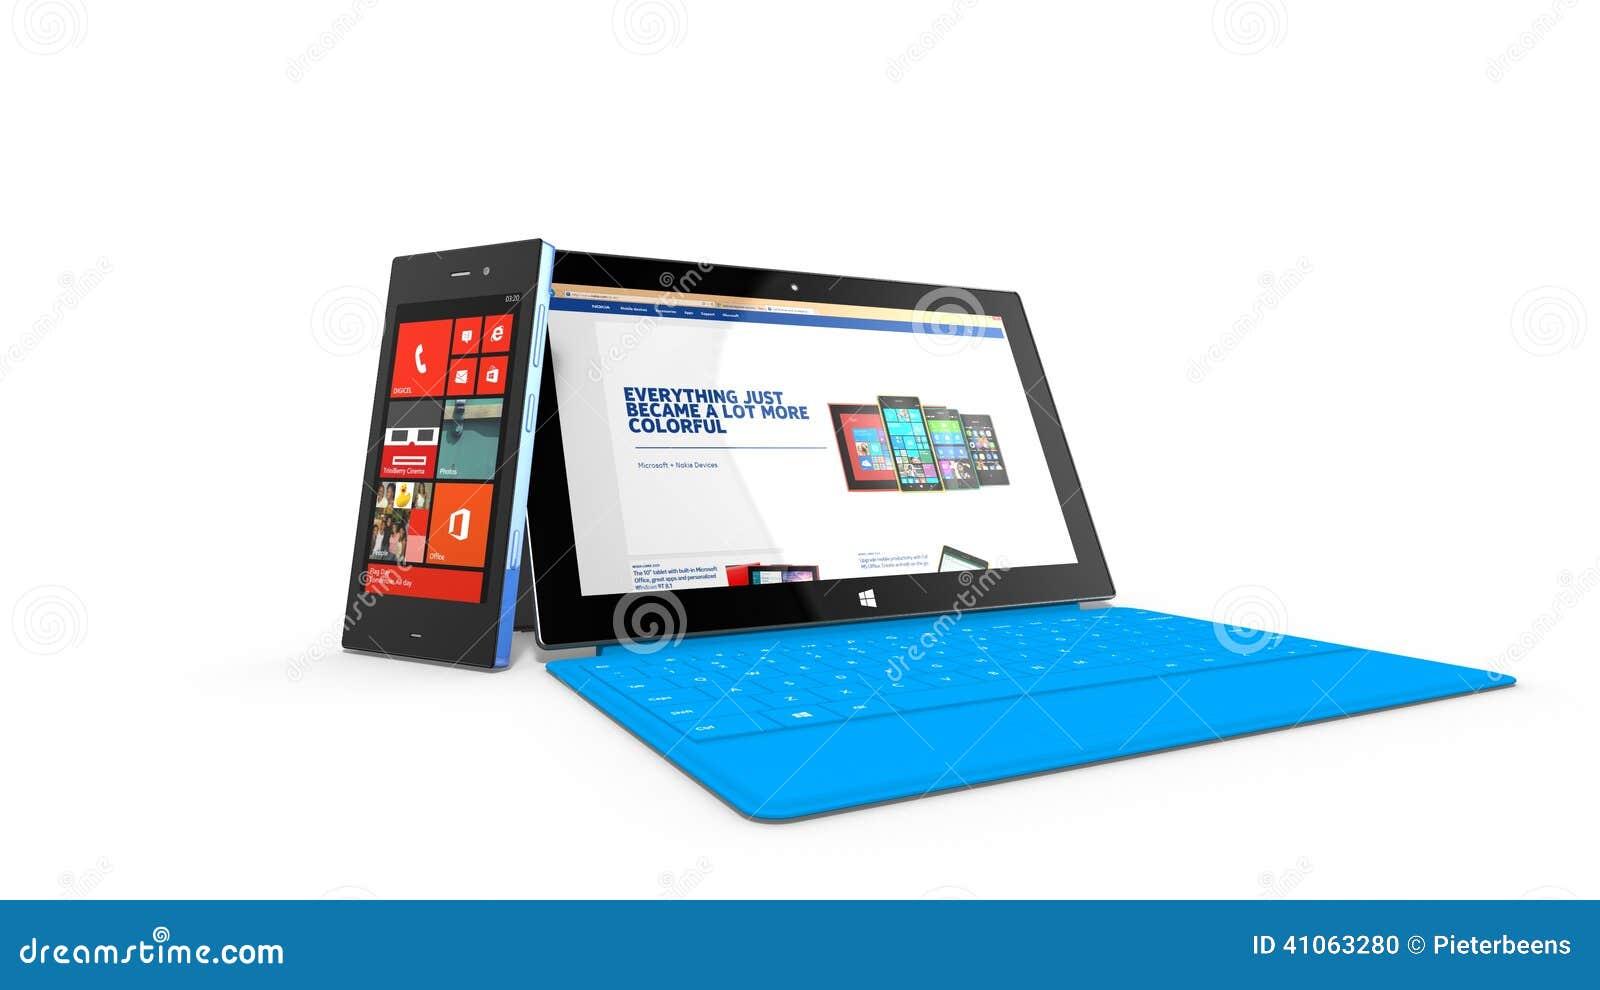 REDMOND, WASHINGTON (USA) - 24 APRIL 2014 - Microsoft Surface tablet on display.